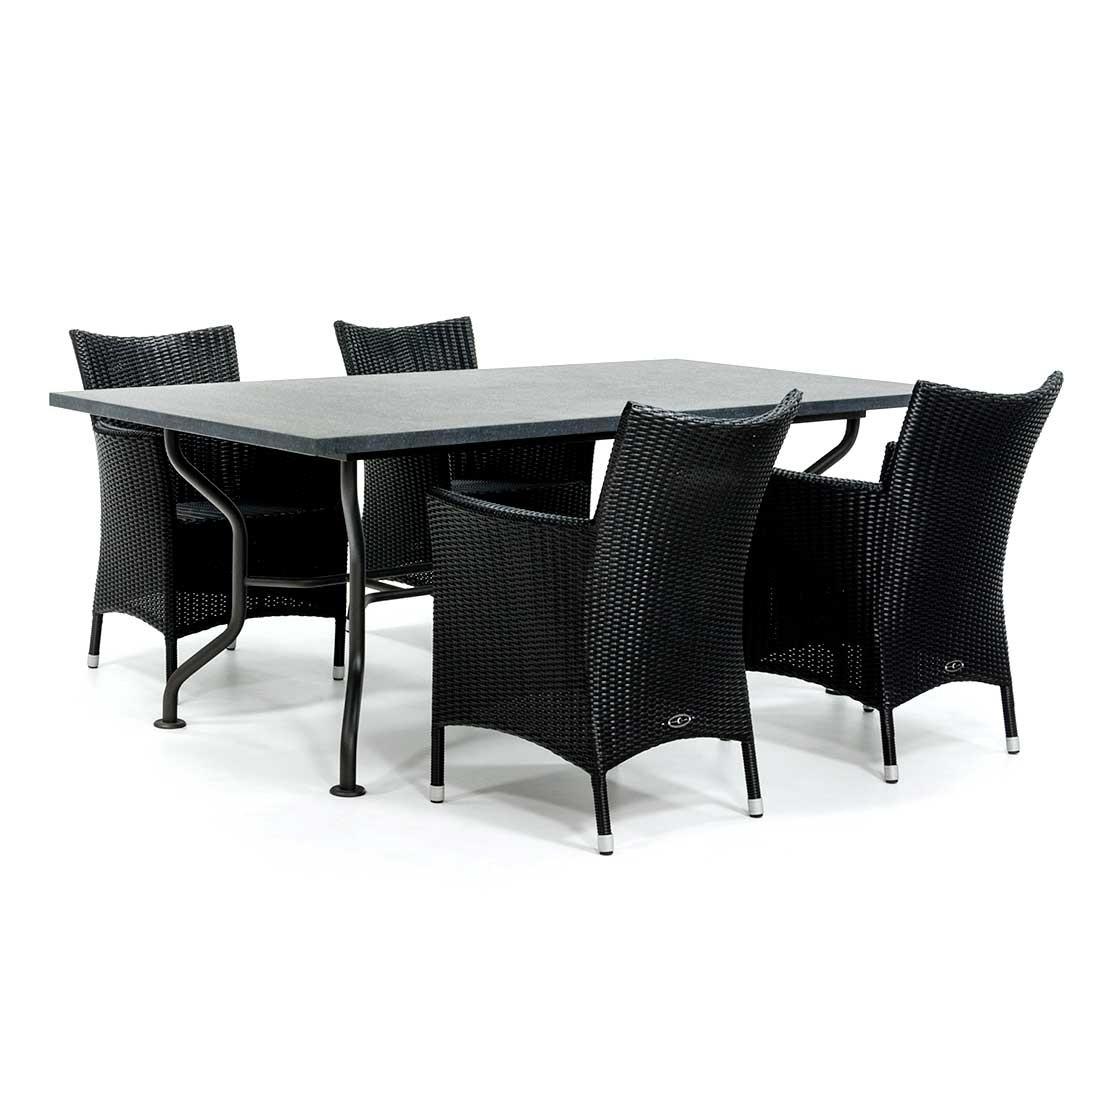 Basalt tafelblad met stalen onderstel